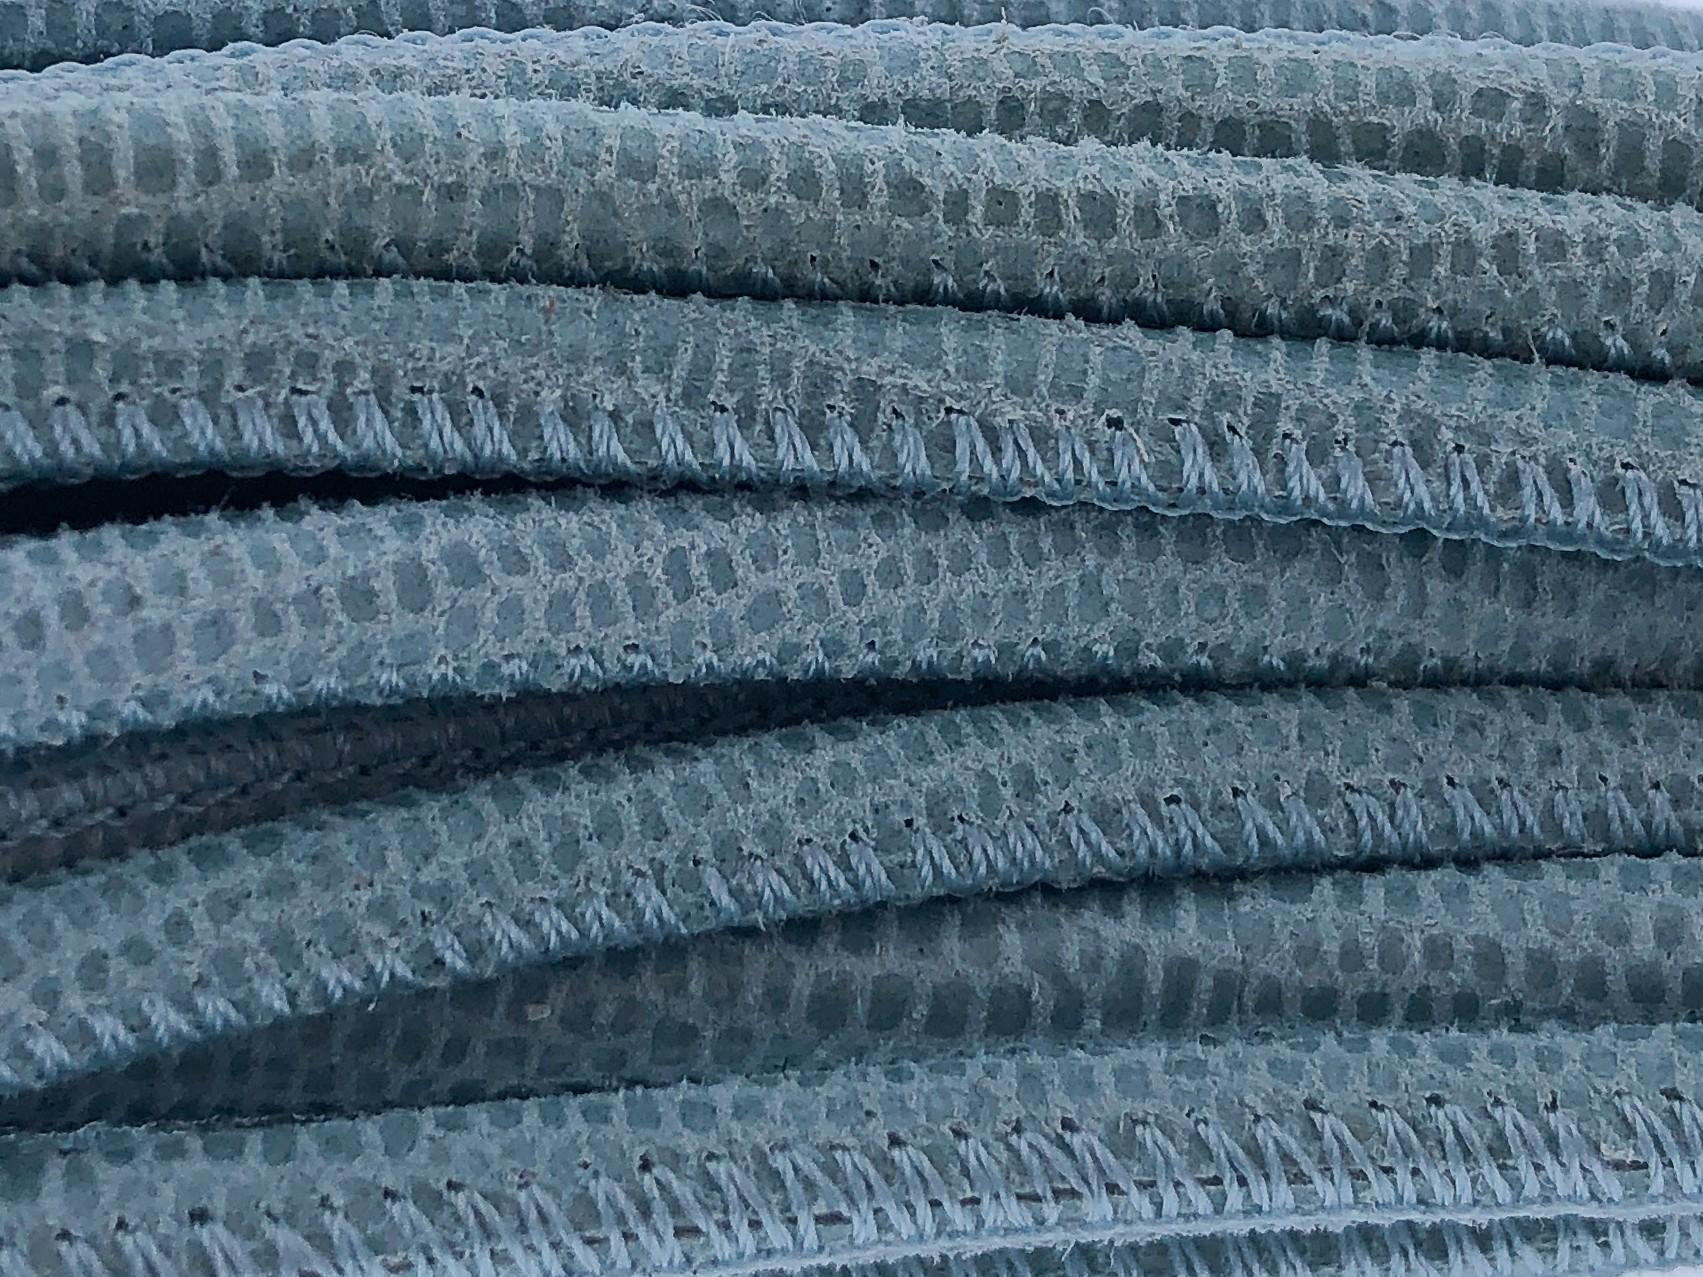 High Quality gestikt leer rond 4mm met print lizard light blue paillettes 20cm